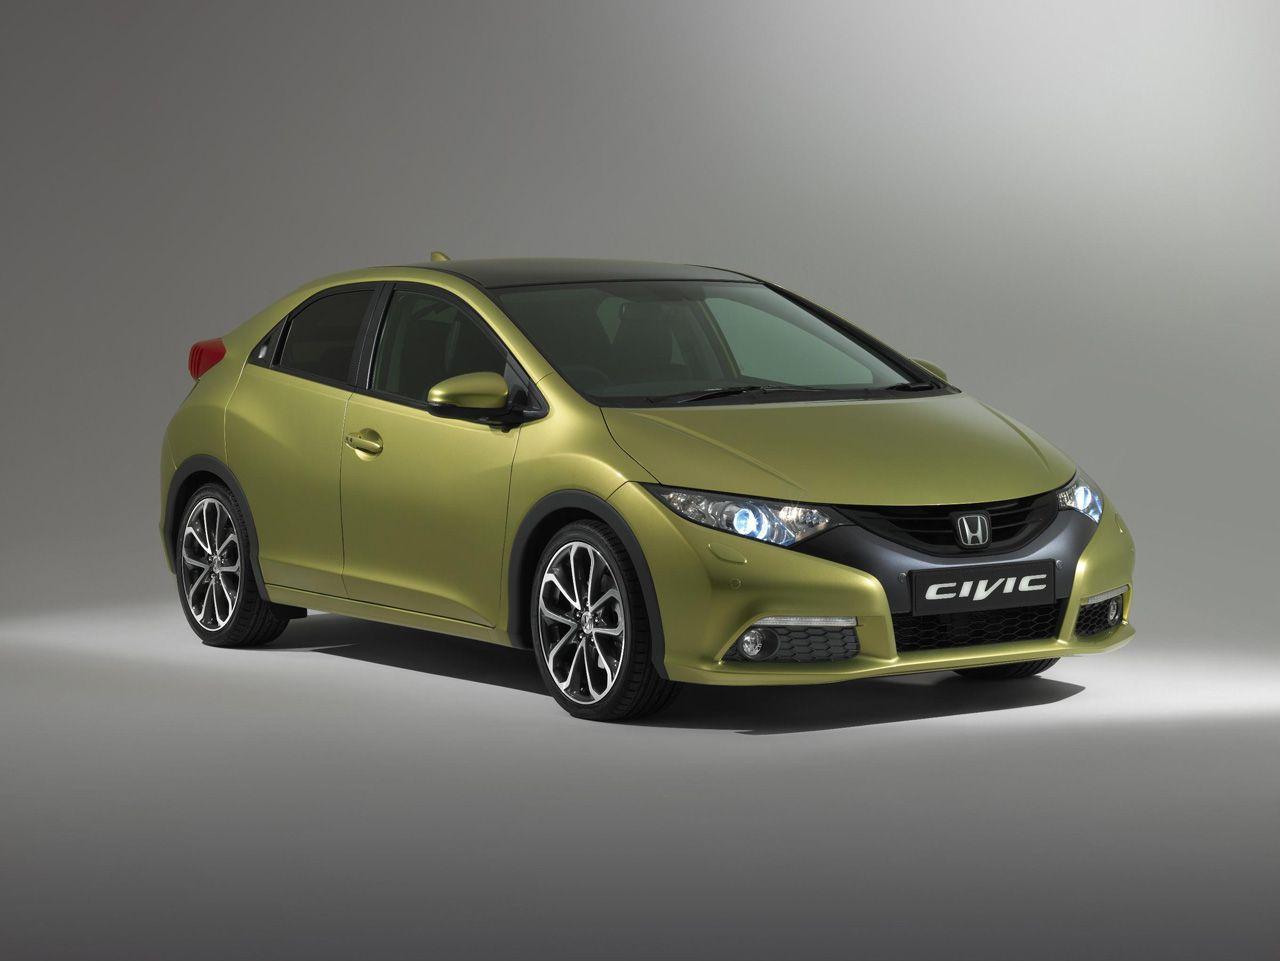 Honda Civic Europe Honda Civic Hybrid Honda Civic Honda Civic Hatchback